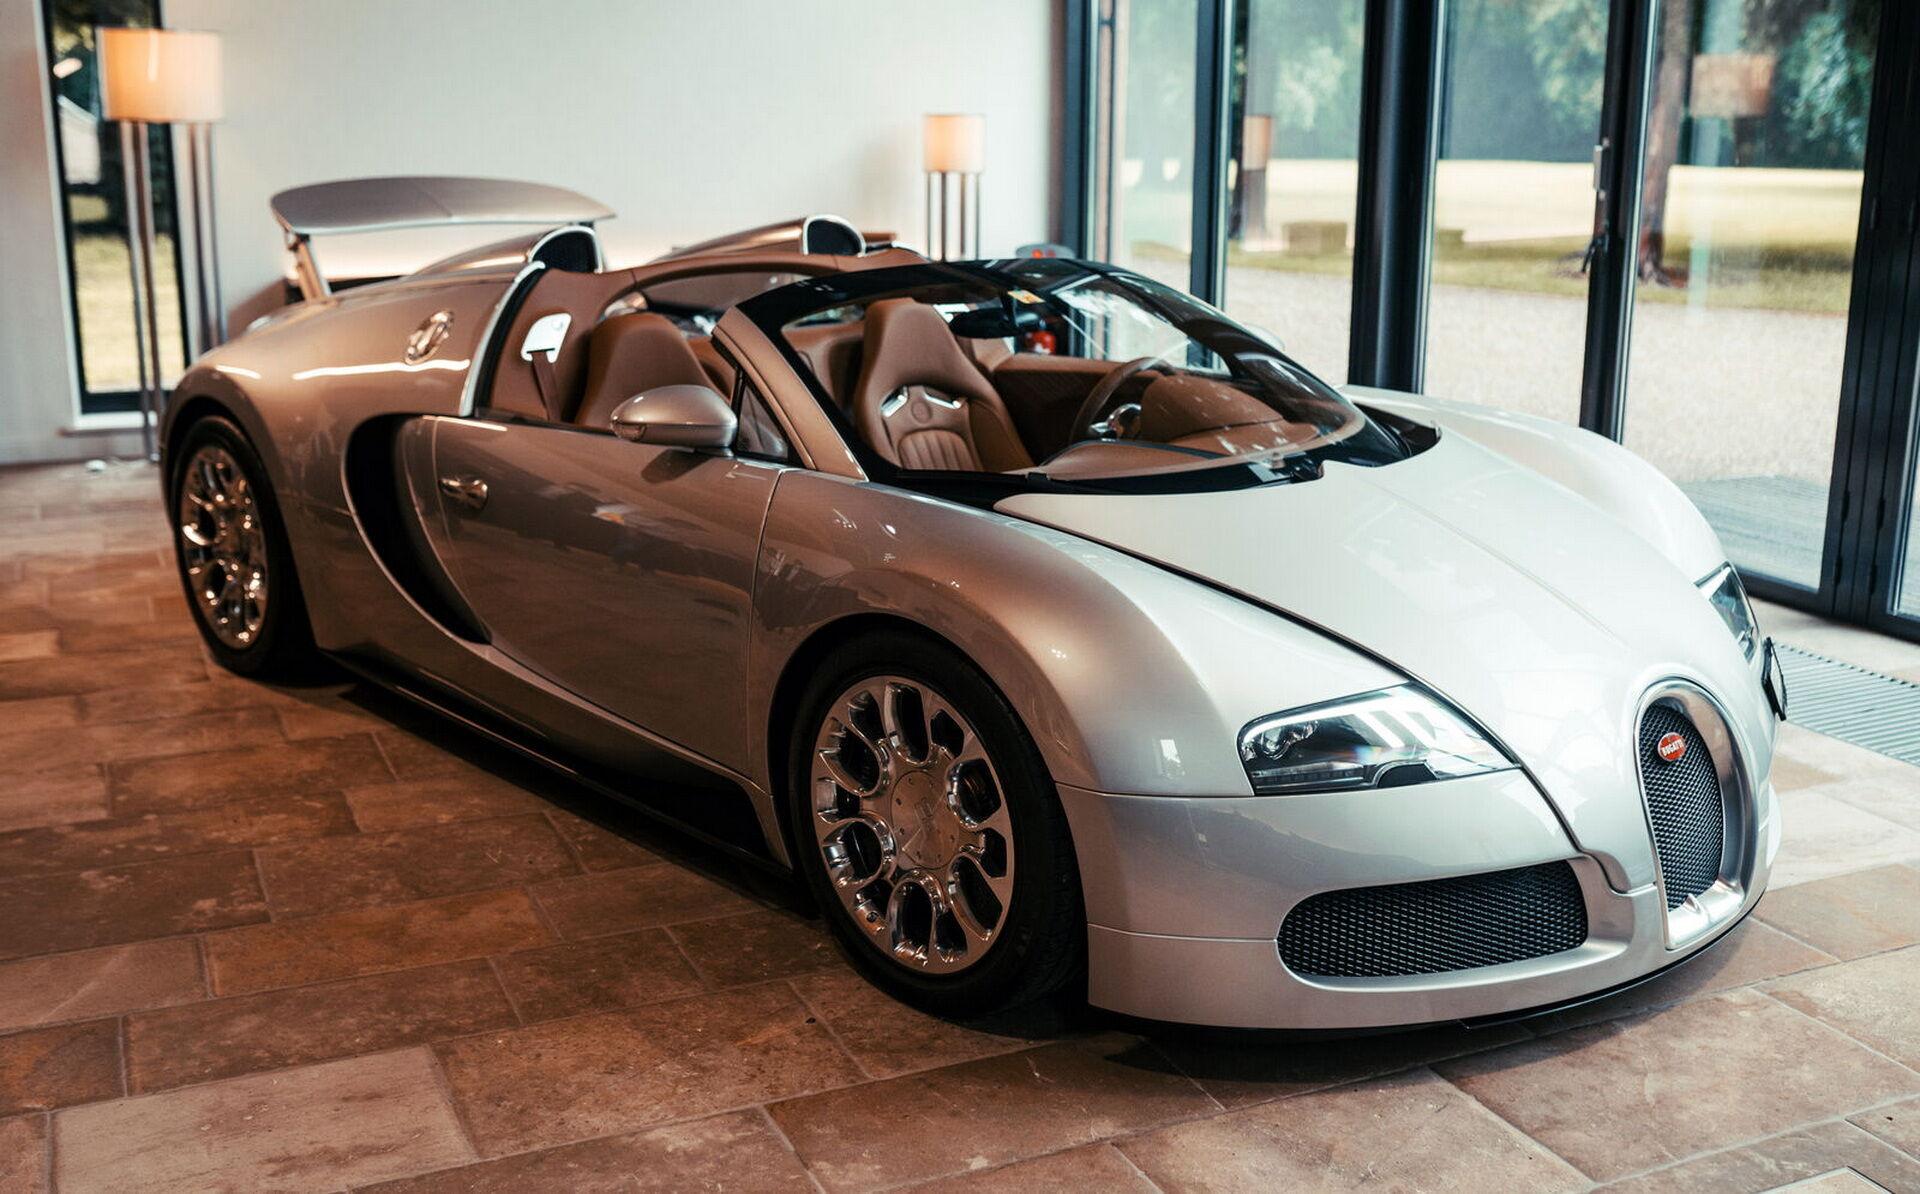 Першим проєктом програми La Maison Pur Sang став унікальний прототип Veyron 16.4 Grand Sport